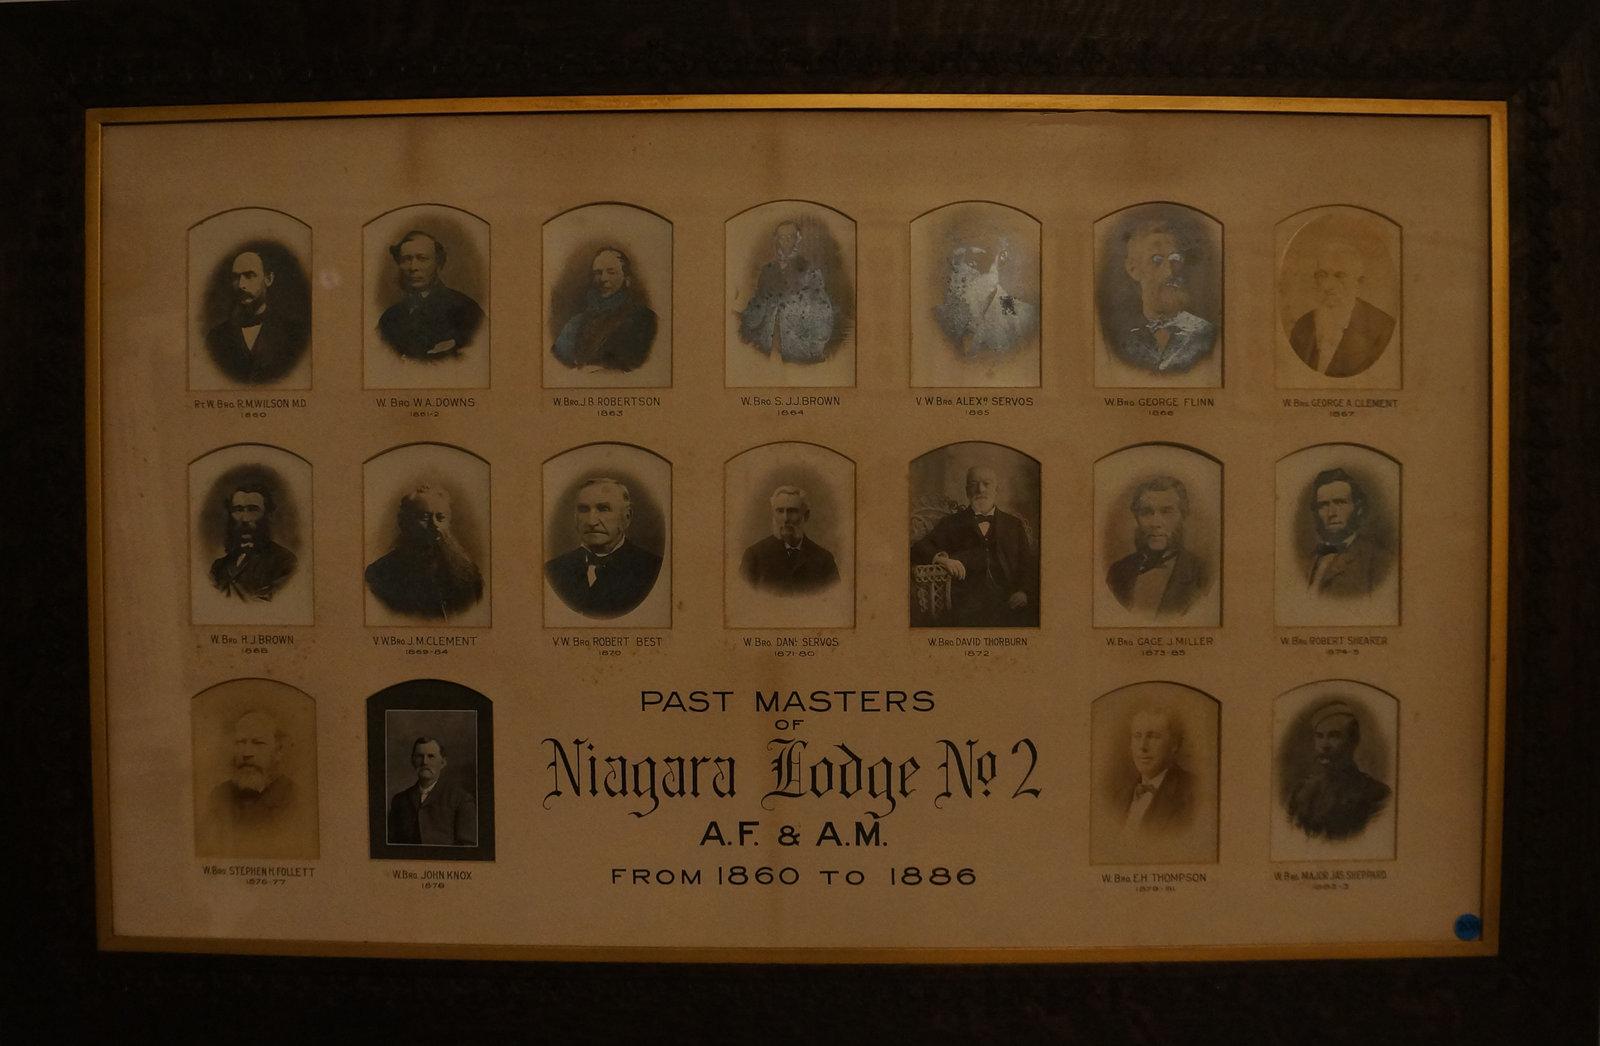 Past Masters of Niagara Lodge, No. 2, 1860-1886